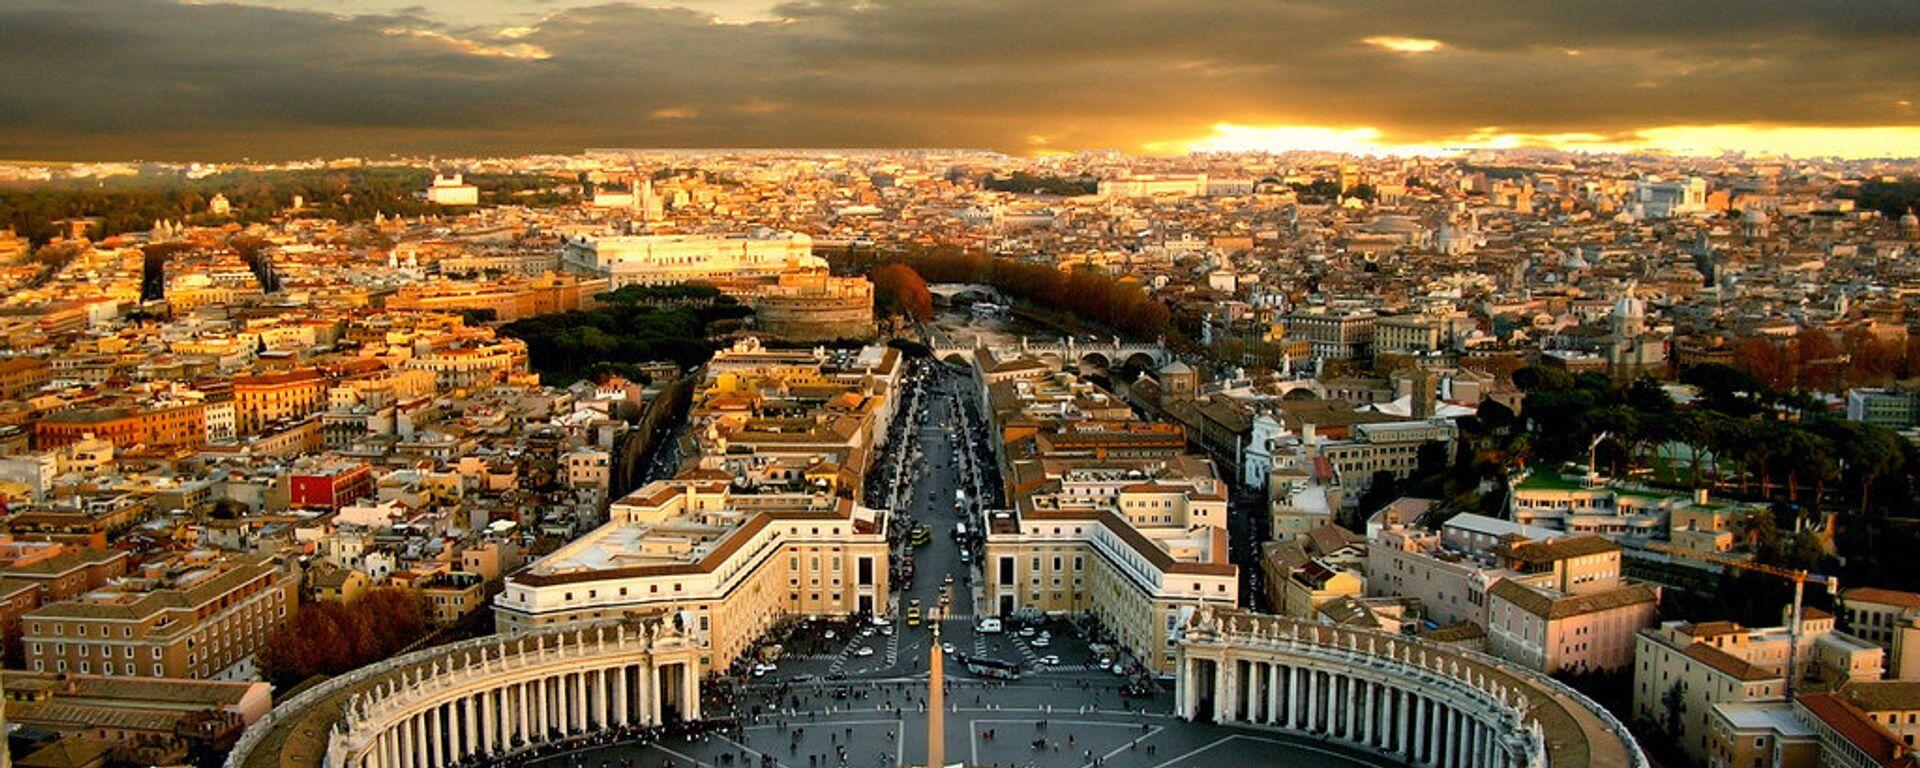 Vaticano - Sputnik Italia, 1920, 21.12.2020